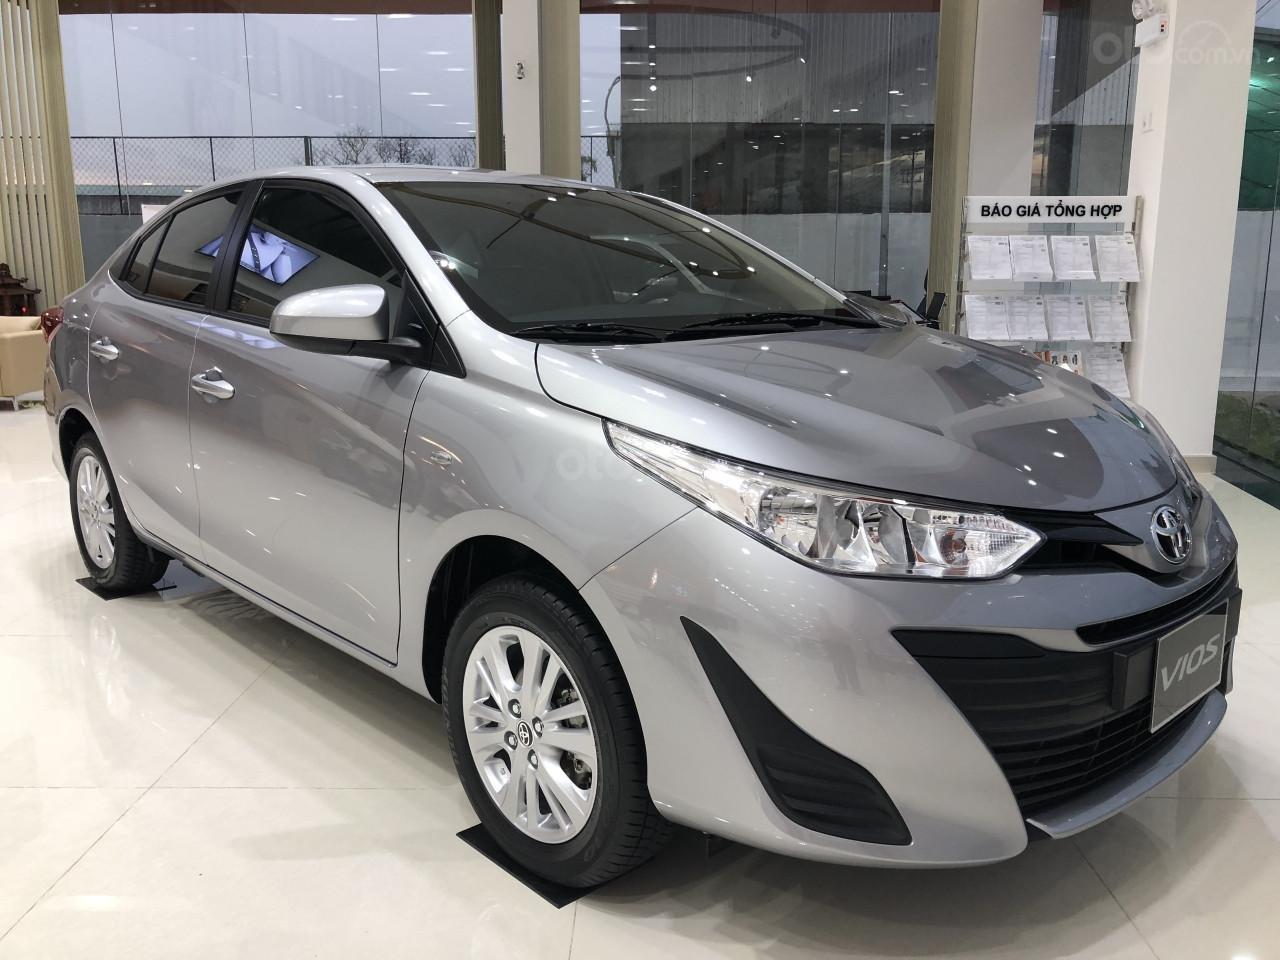 Bán Toyota Vios 1.5E - Tặng: DVD, camera lùi, bọc ghế + 35 triệu + Rất nhiều ưu đãi khác nữa-0